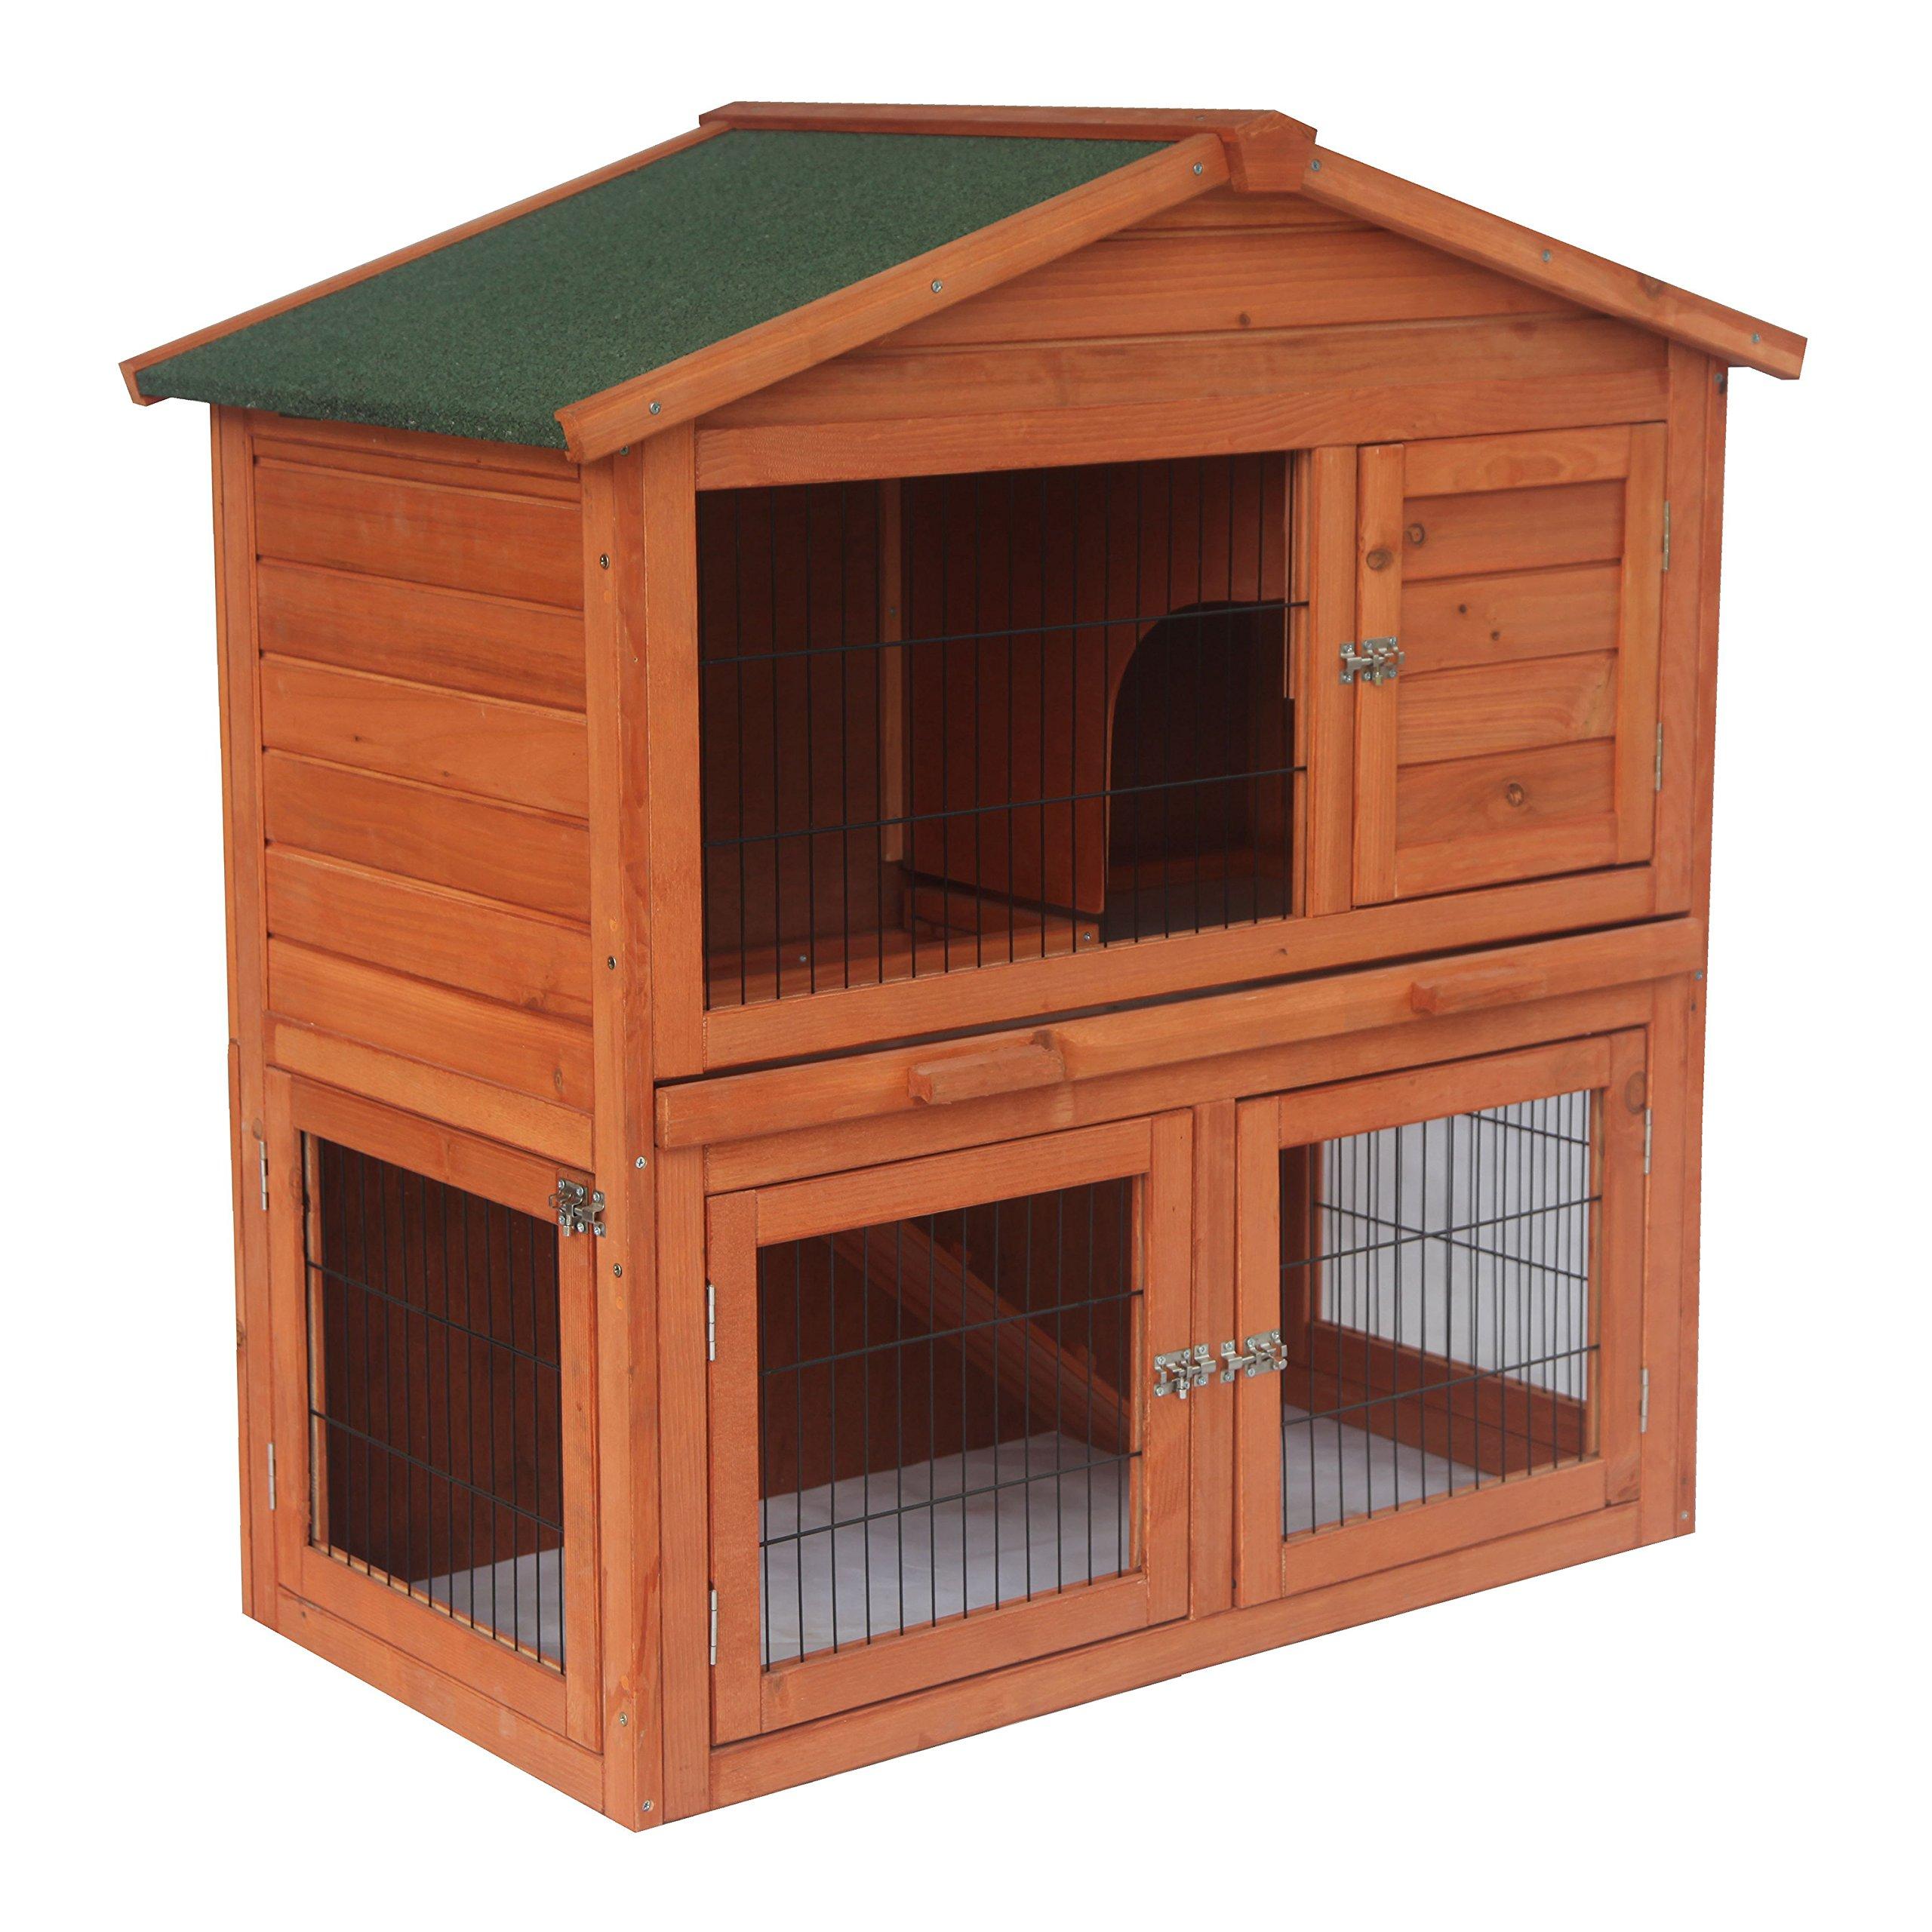 ALEKO ARH40X22X40 Wooden Pet House Chicken Coop Rabbit Hutch 40 x 22 x 40 Inches